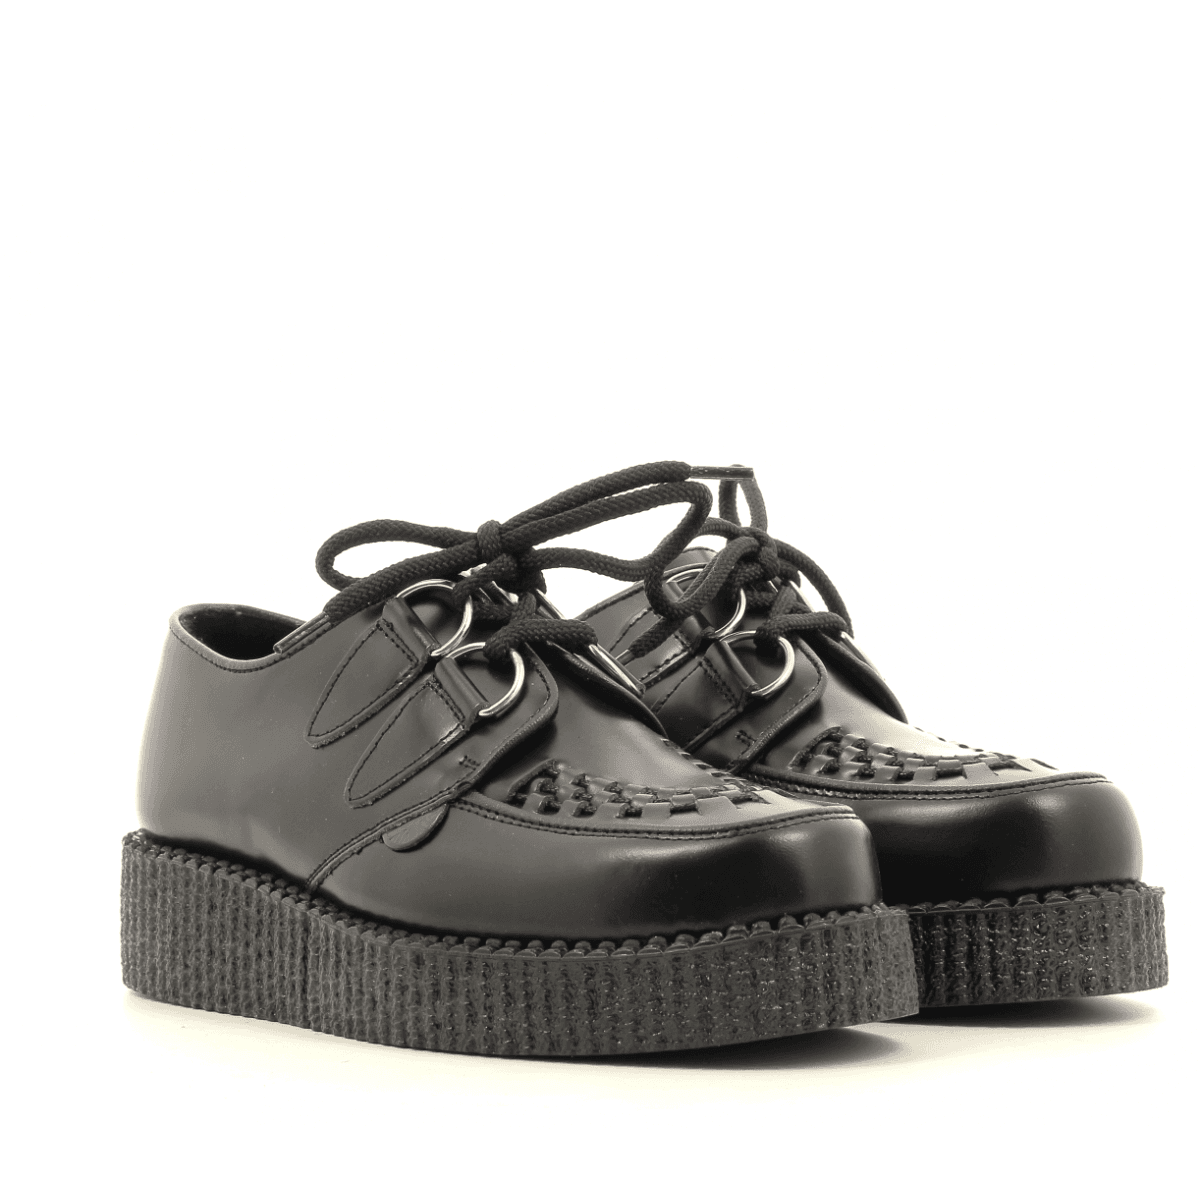 Chaussures à lacet en cuir noir Uunderground -WULFRUN CREEPERS